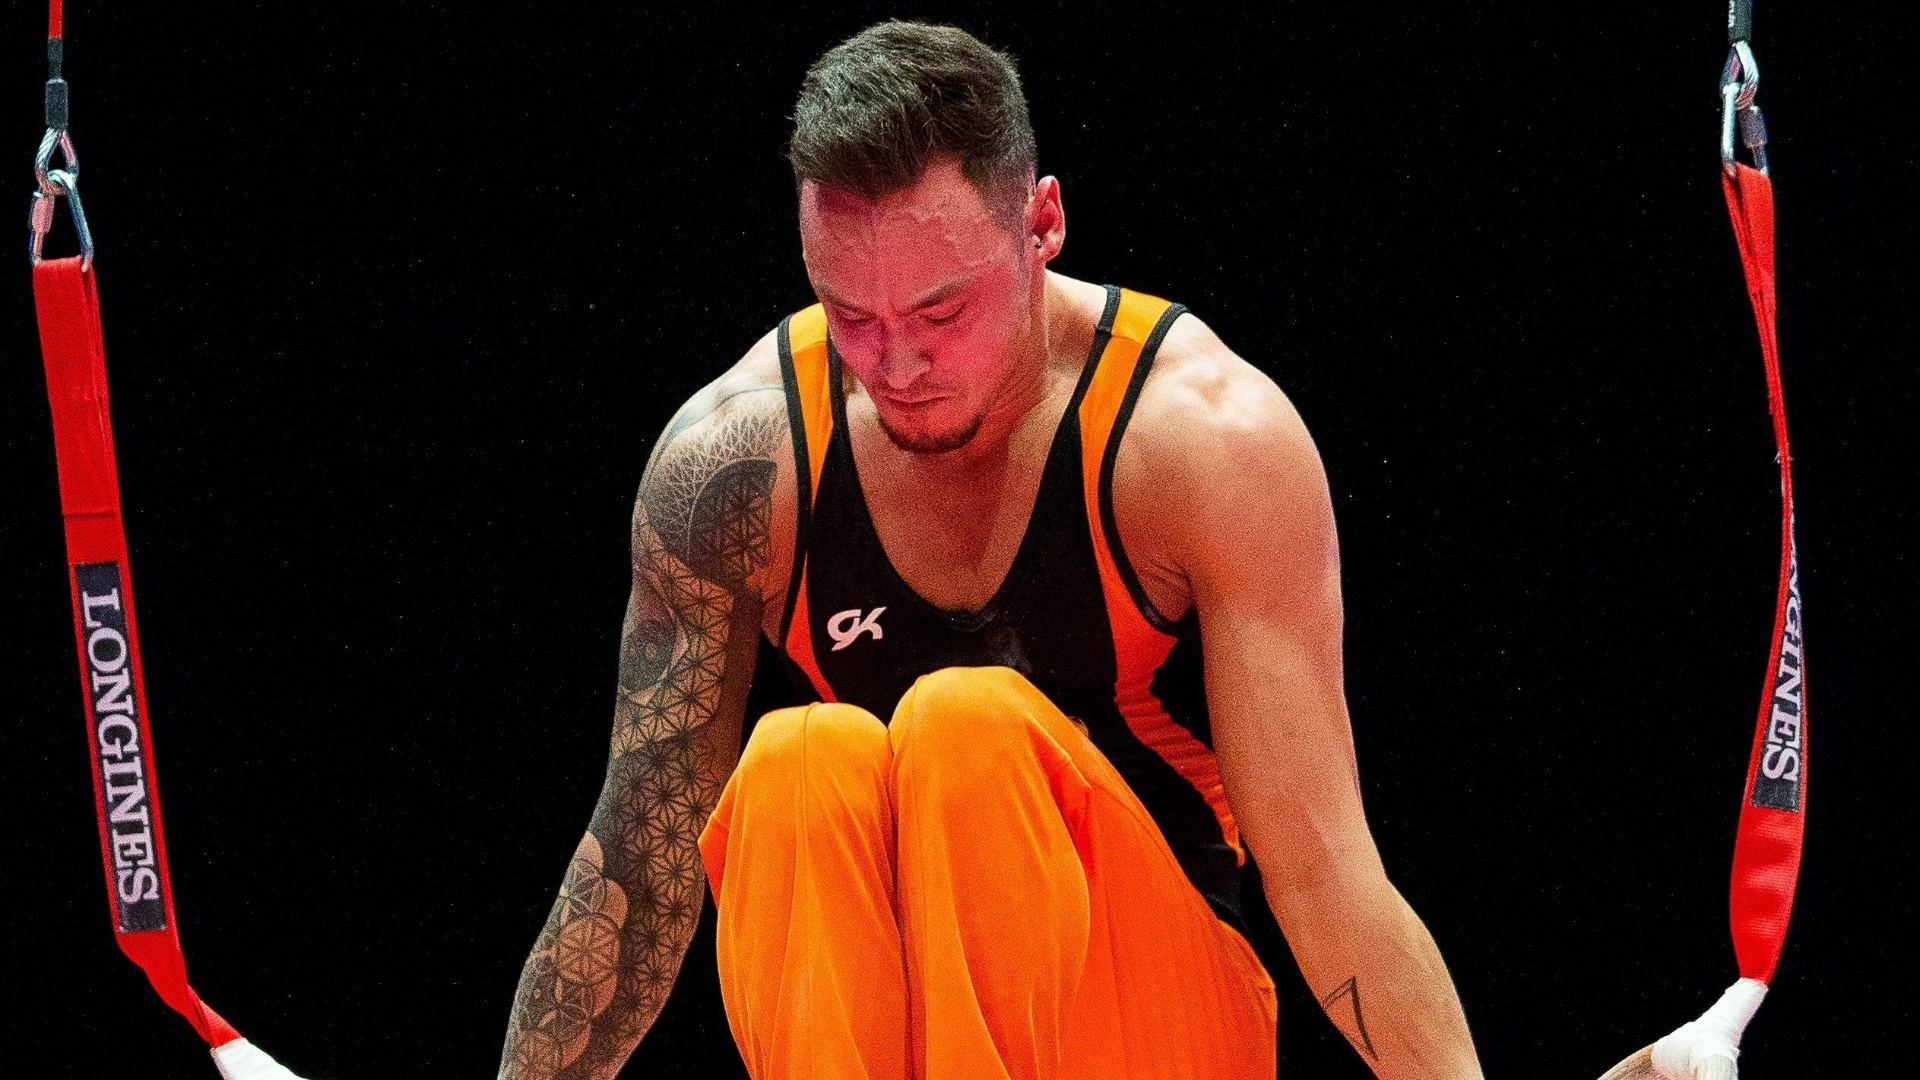 Bart Deurloo, ginasta holandês, se apresenta nas argolas na eliminatória do Mundial de ginástica artística